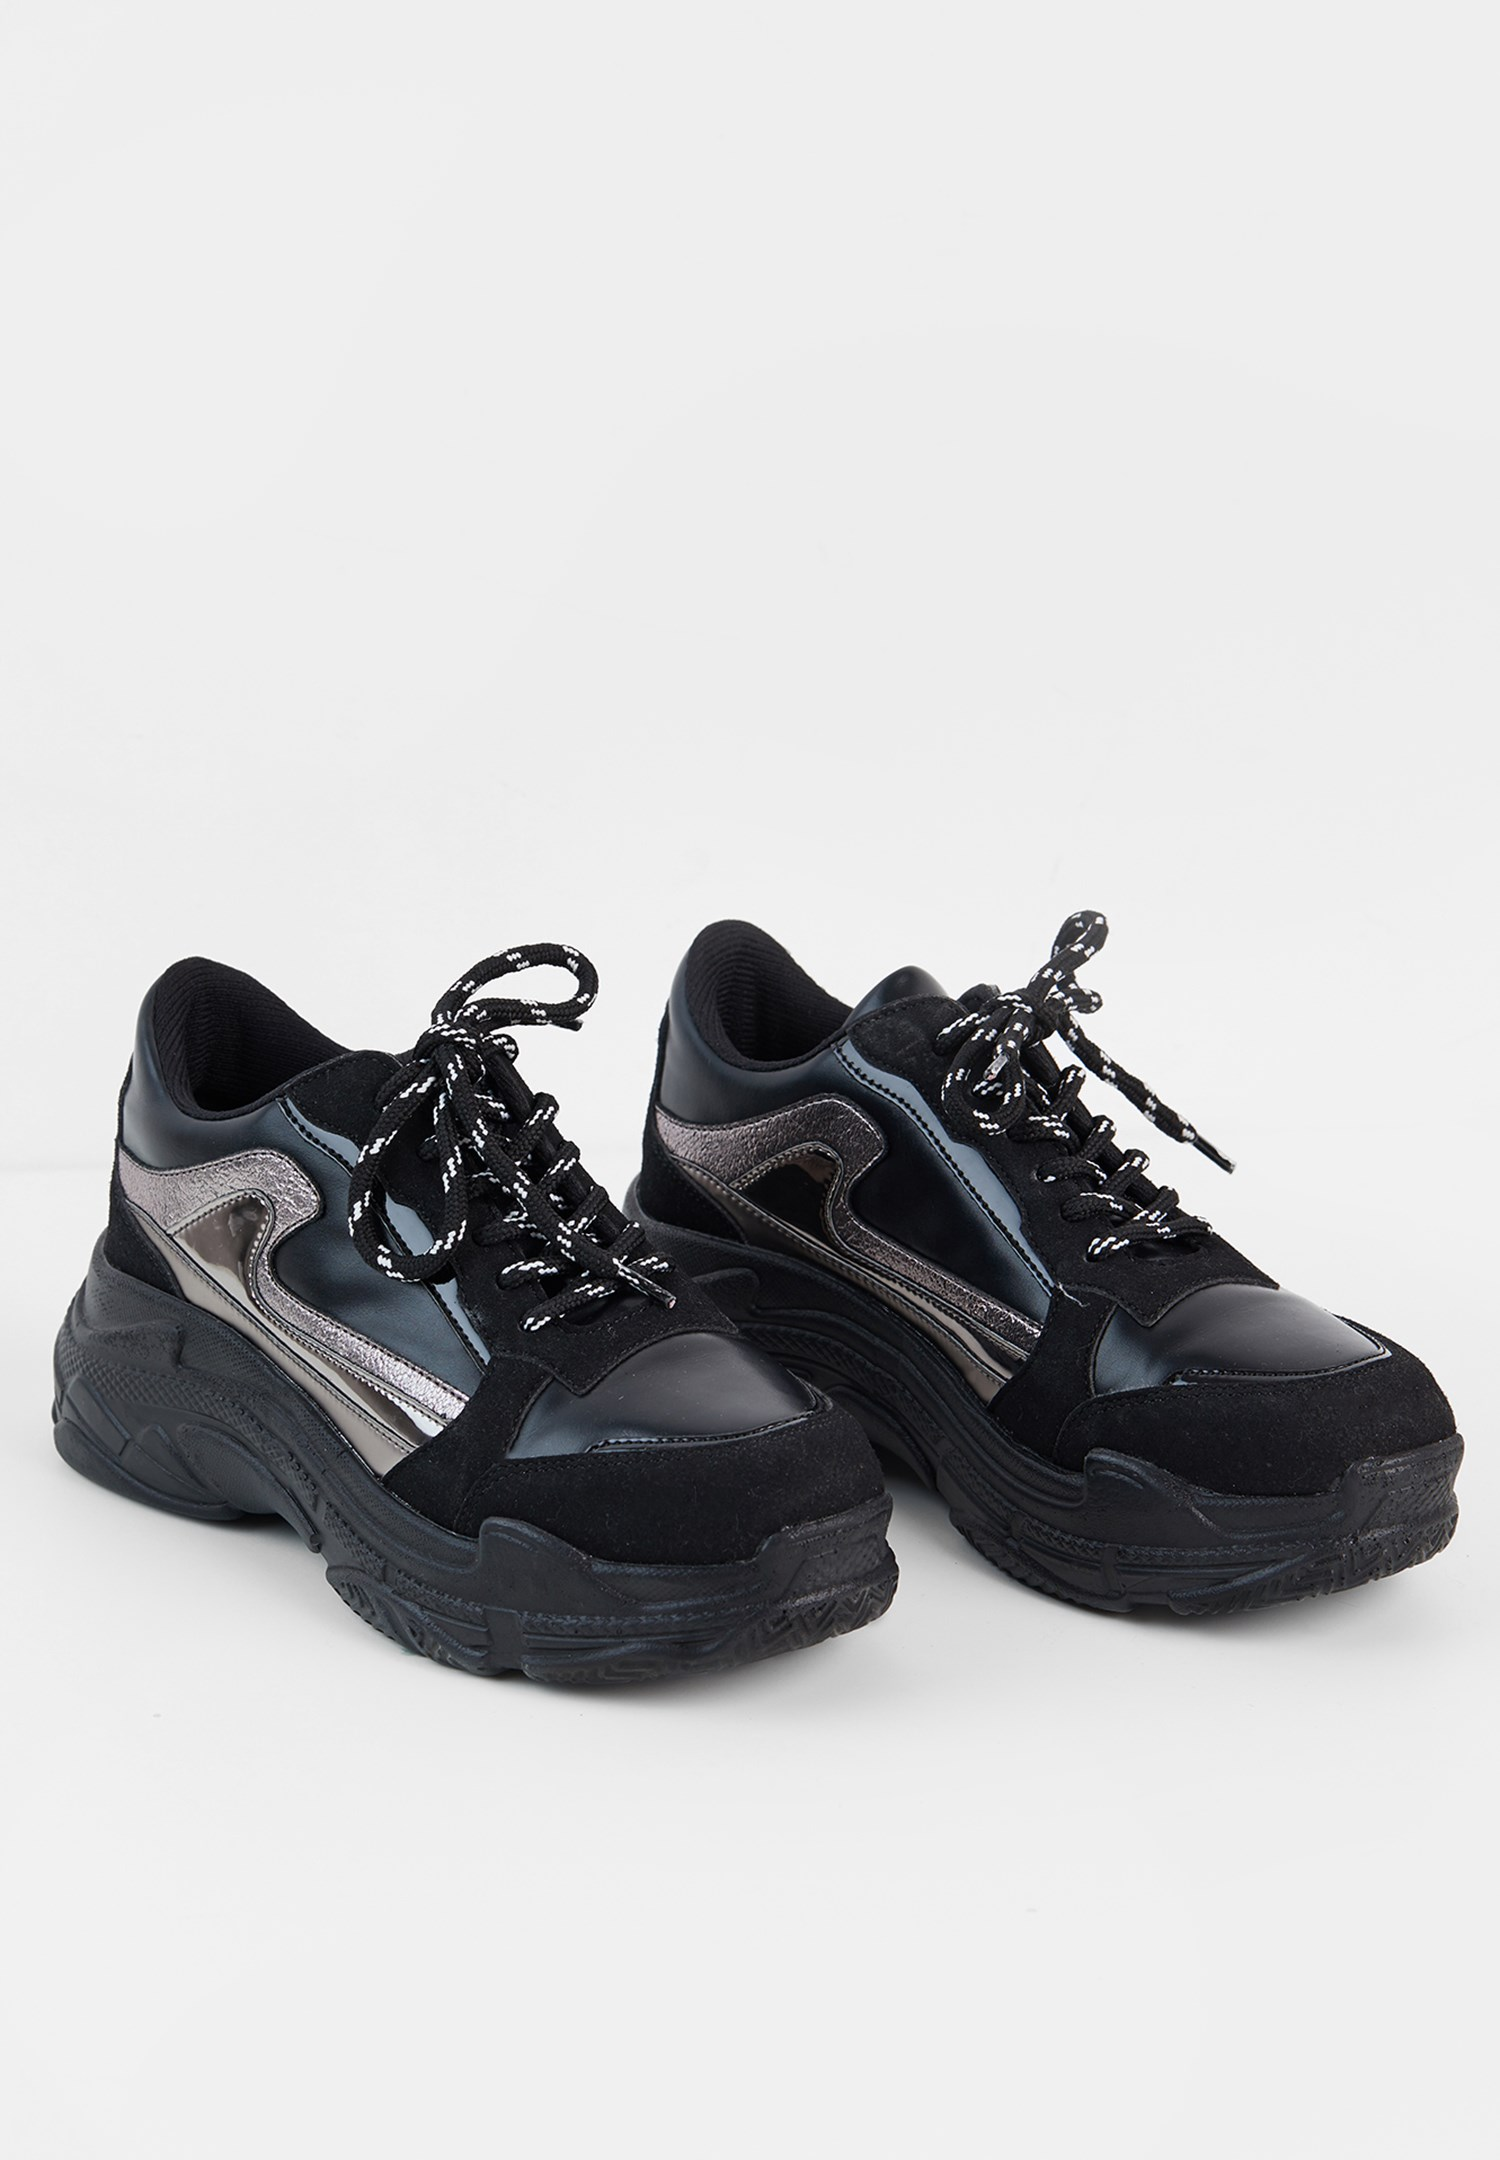 Bayan Siyah Kalın Tabanlı Yanları Şeritli Sneaker